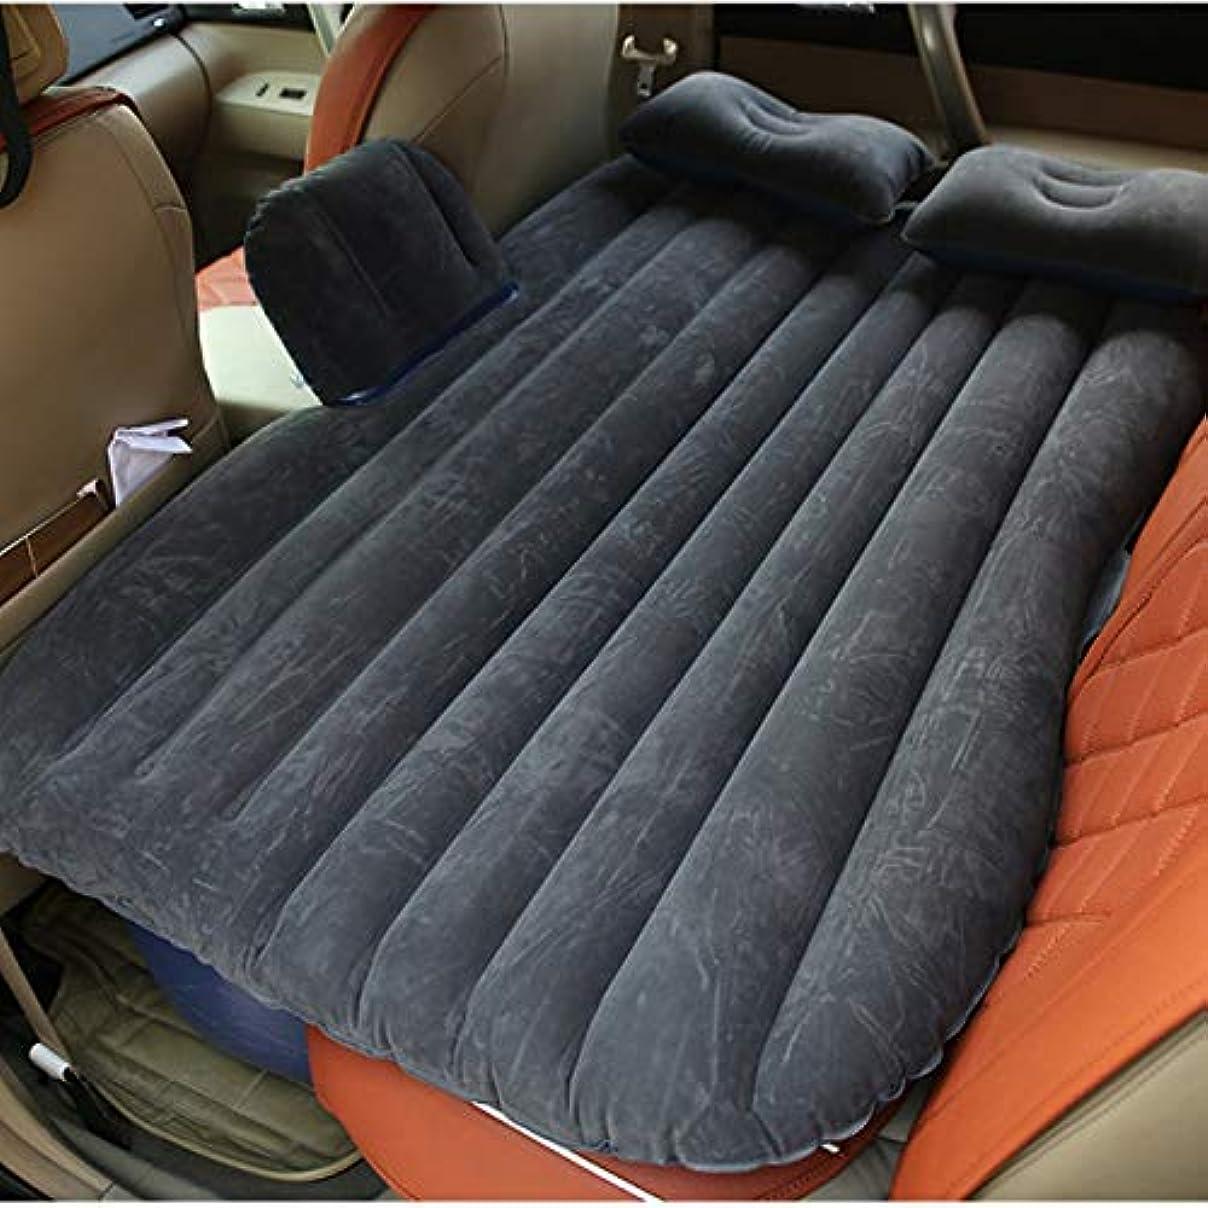 スクリーチ単なる関係するSaikogoods 車内用大型耐久性に優れたカーバックシートカバーカーエアマットレス旅行ベッド防湿インフレータブルマットレスエアーベッド 黒